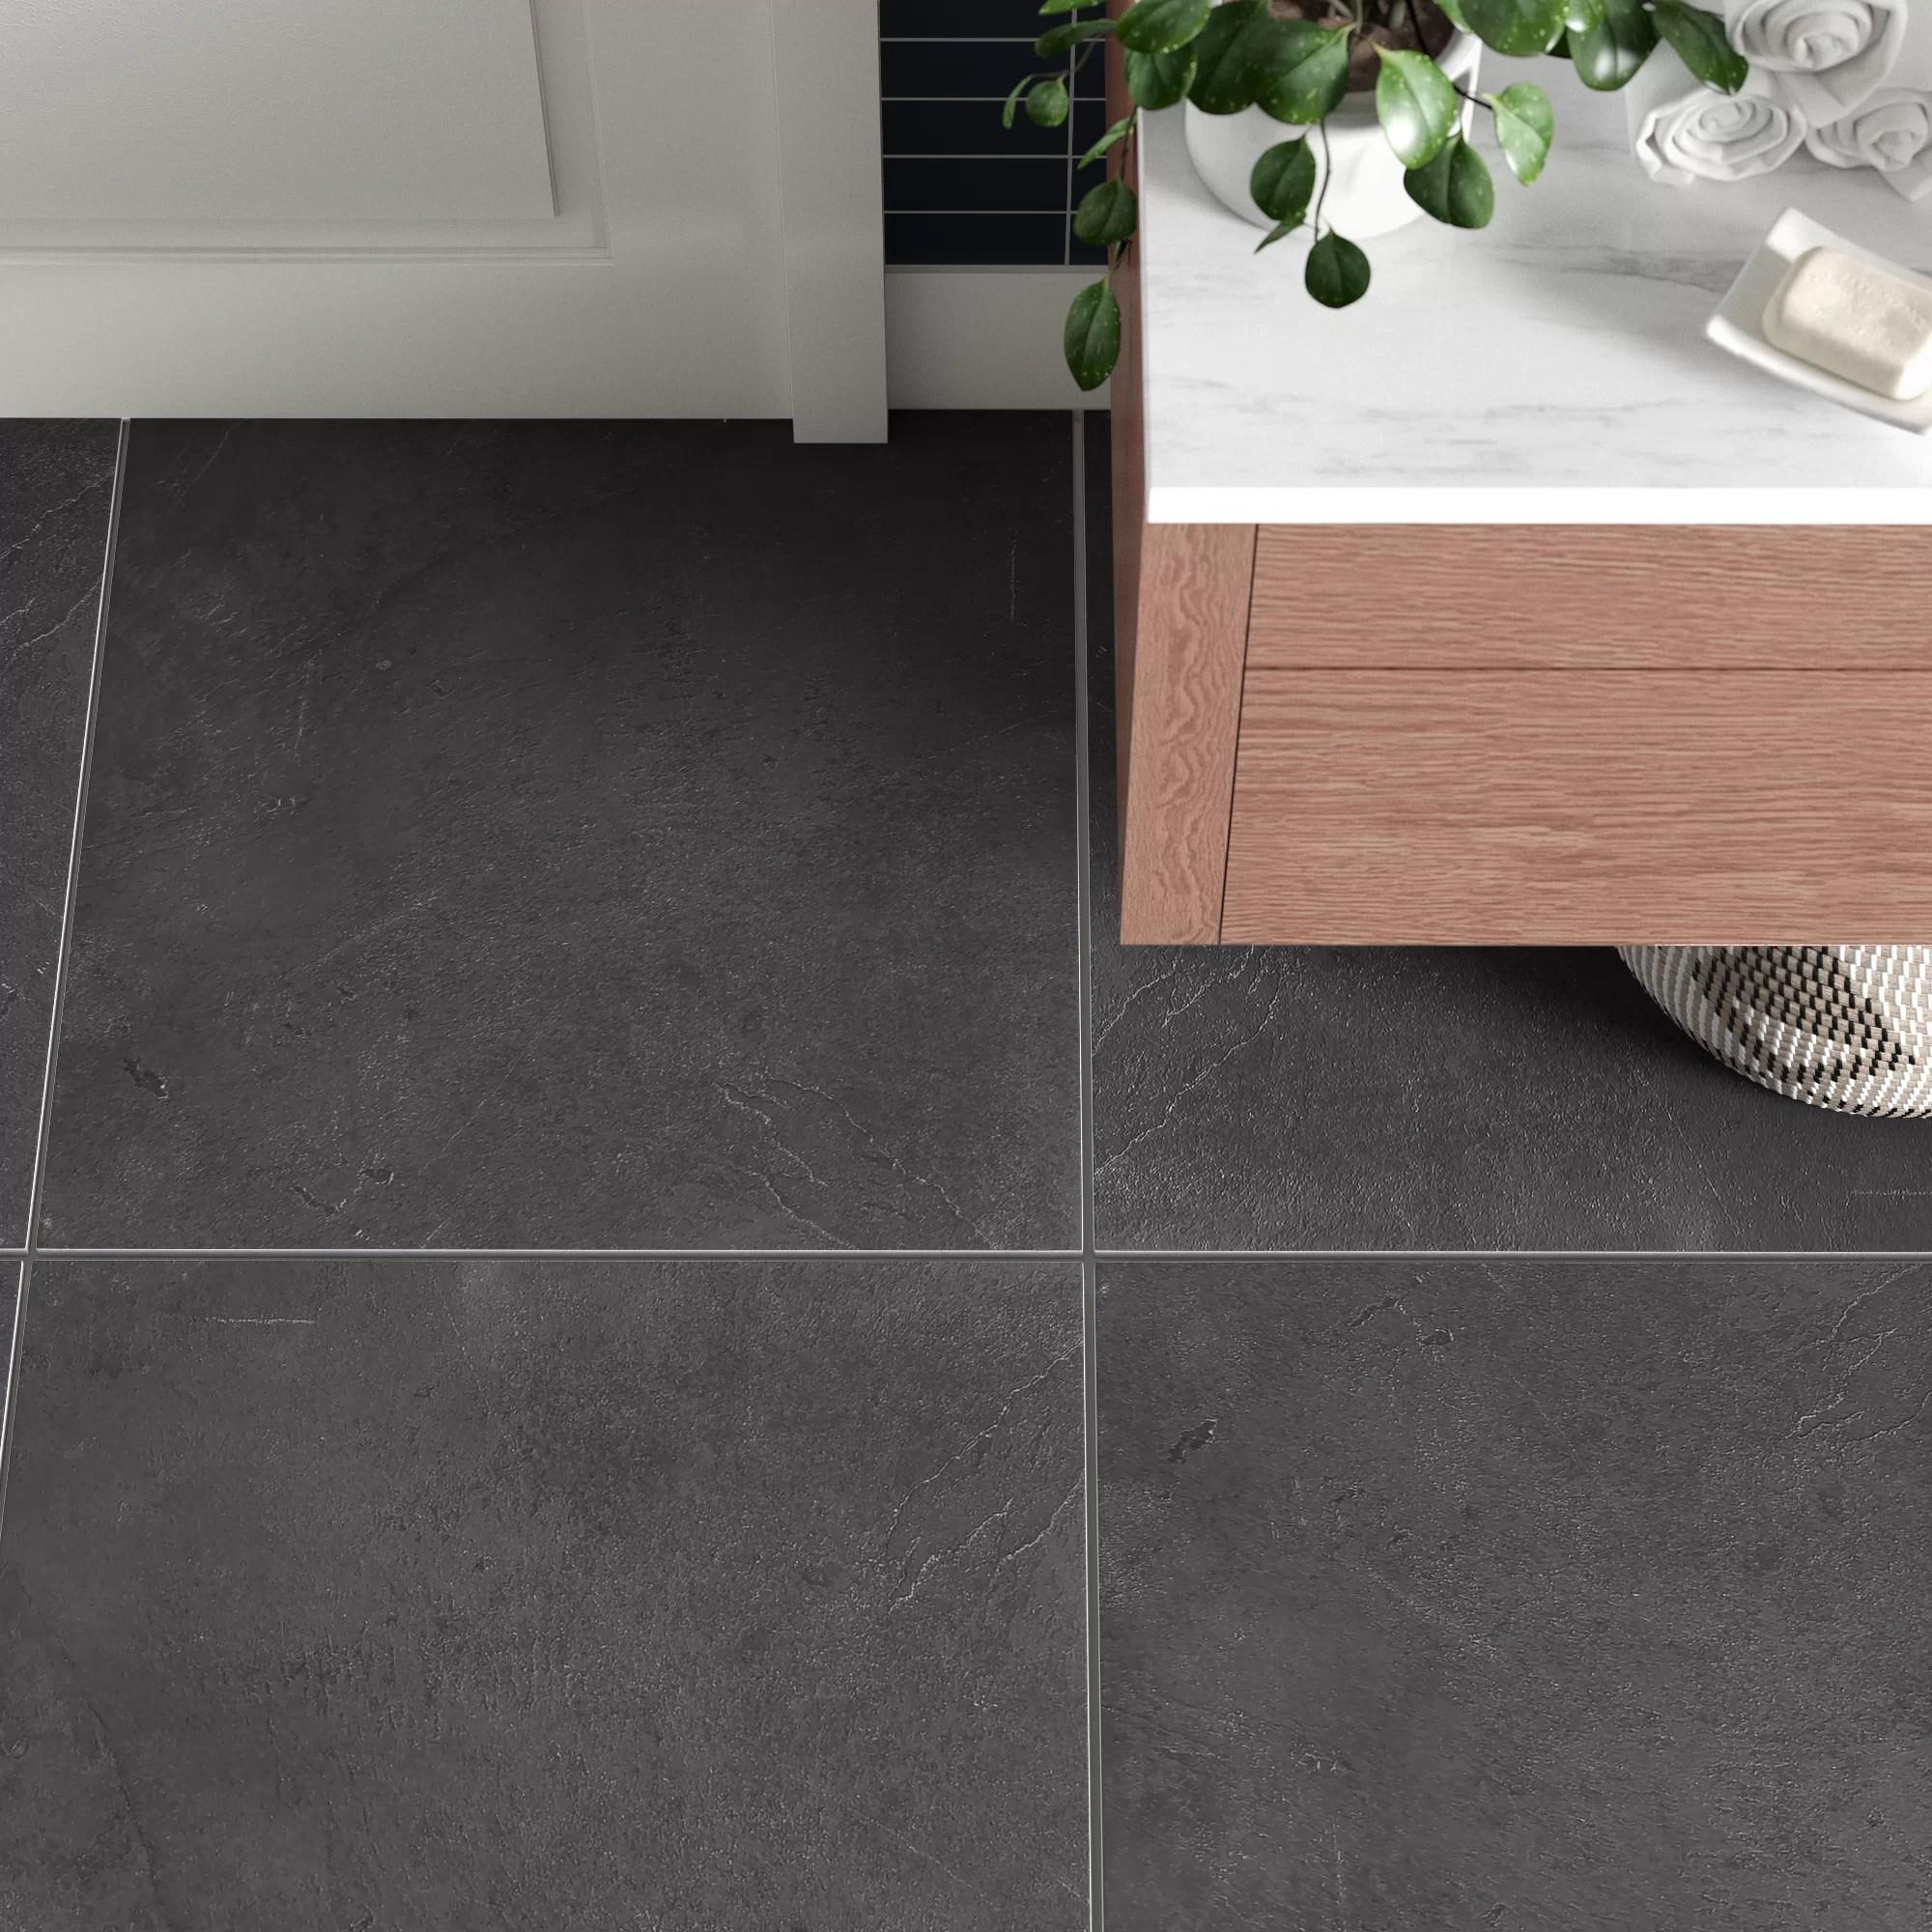 figueroa 24 x 24 slate stone look wall floor tile